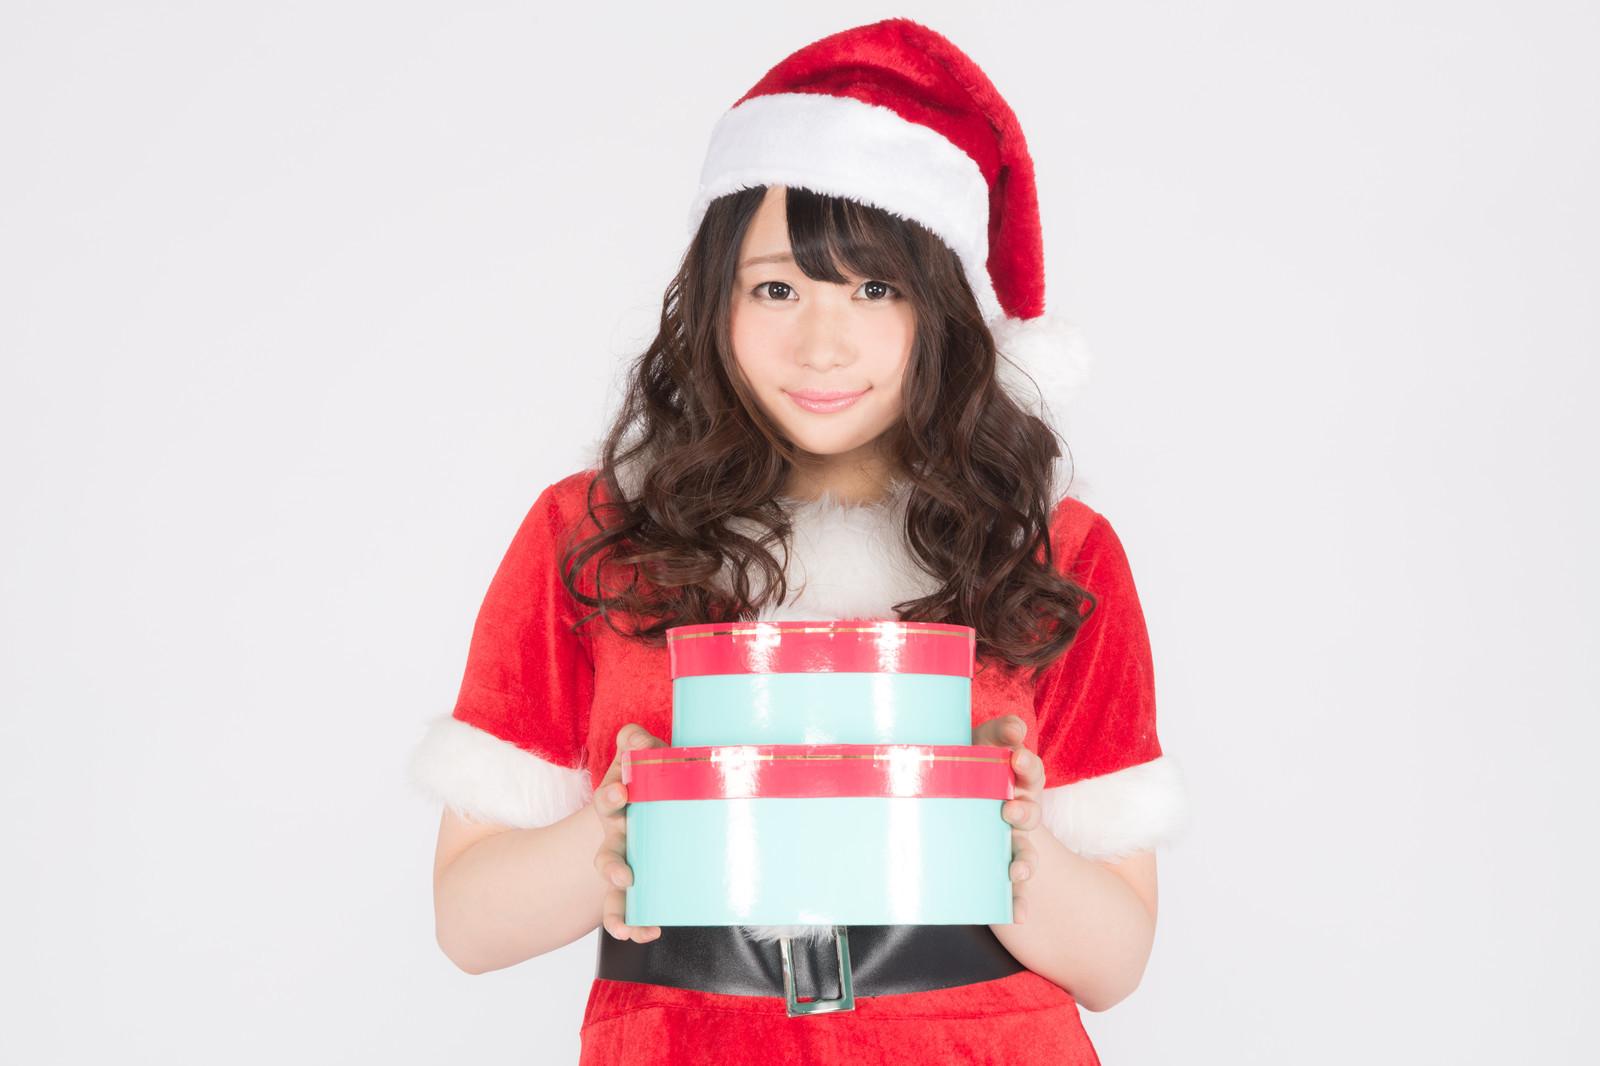 聖誕節 (圖/取自免費圖庫pakutaso)